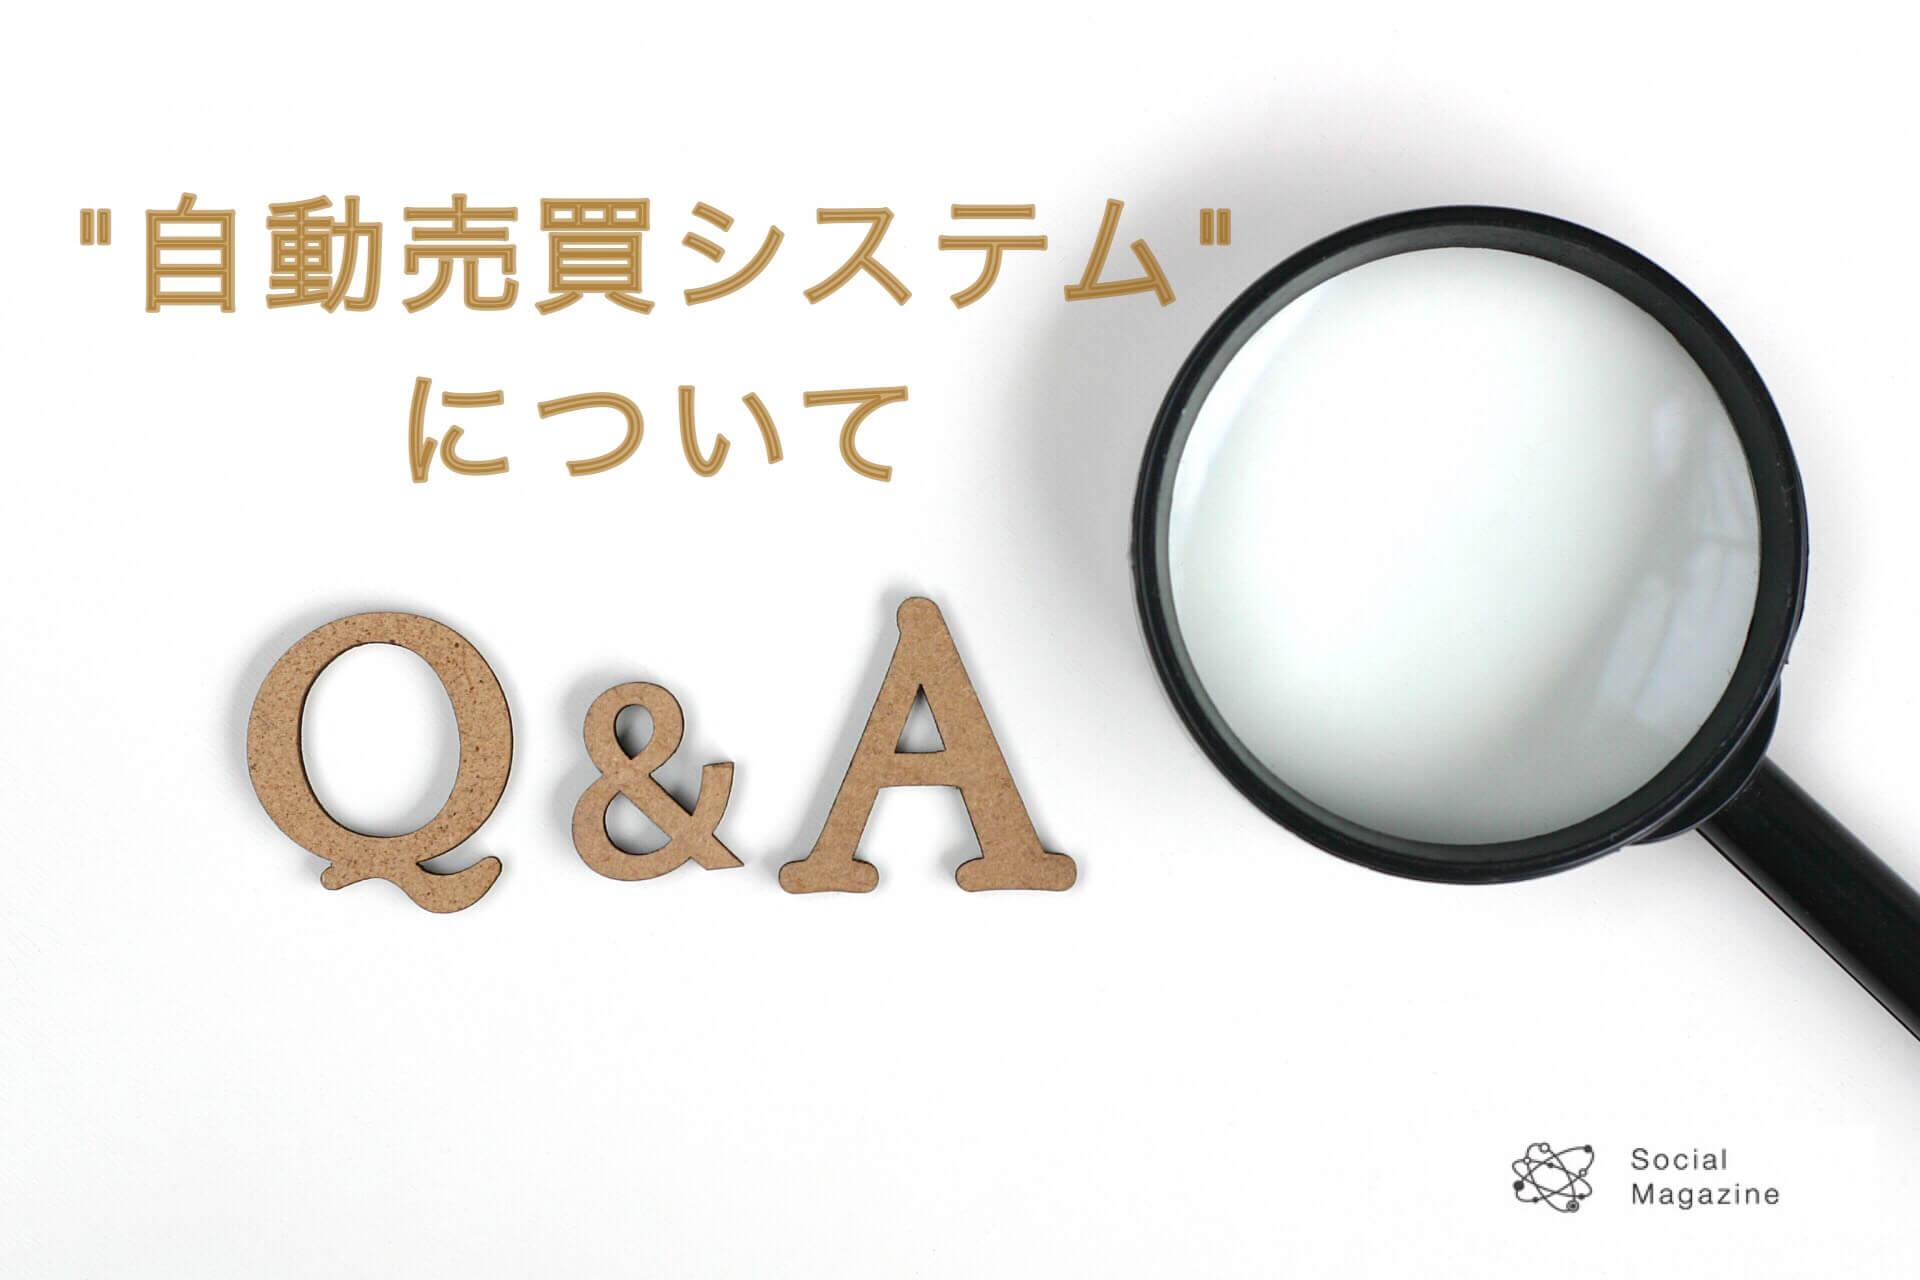 自動売買システムについてQ&A